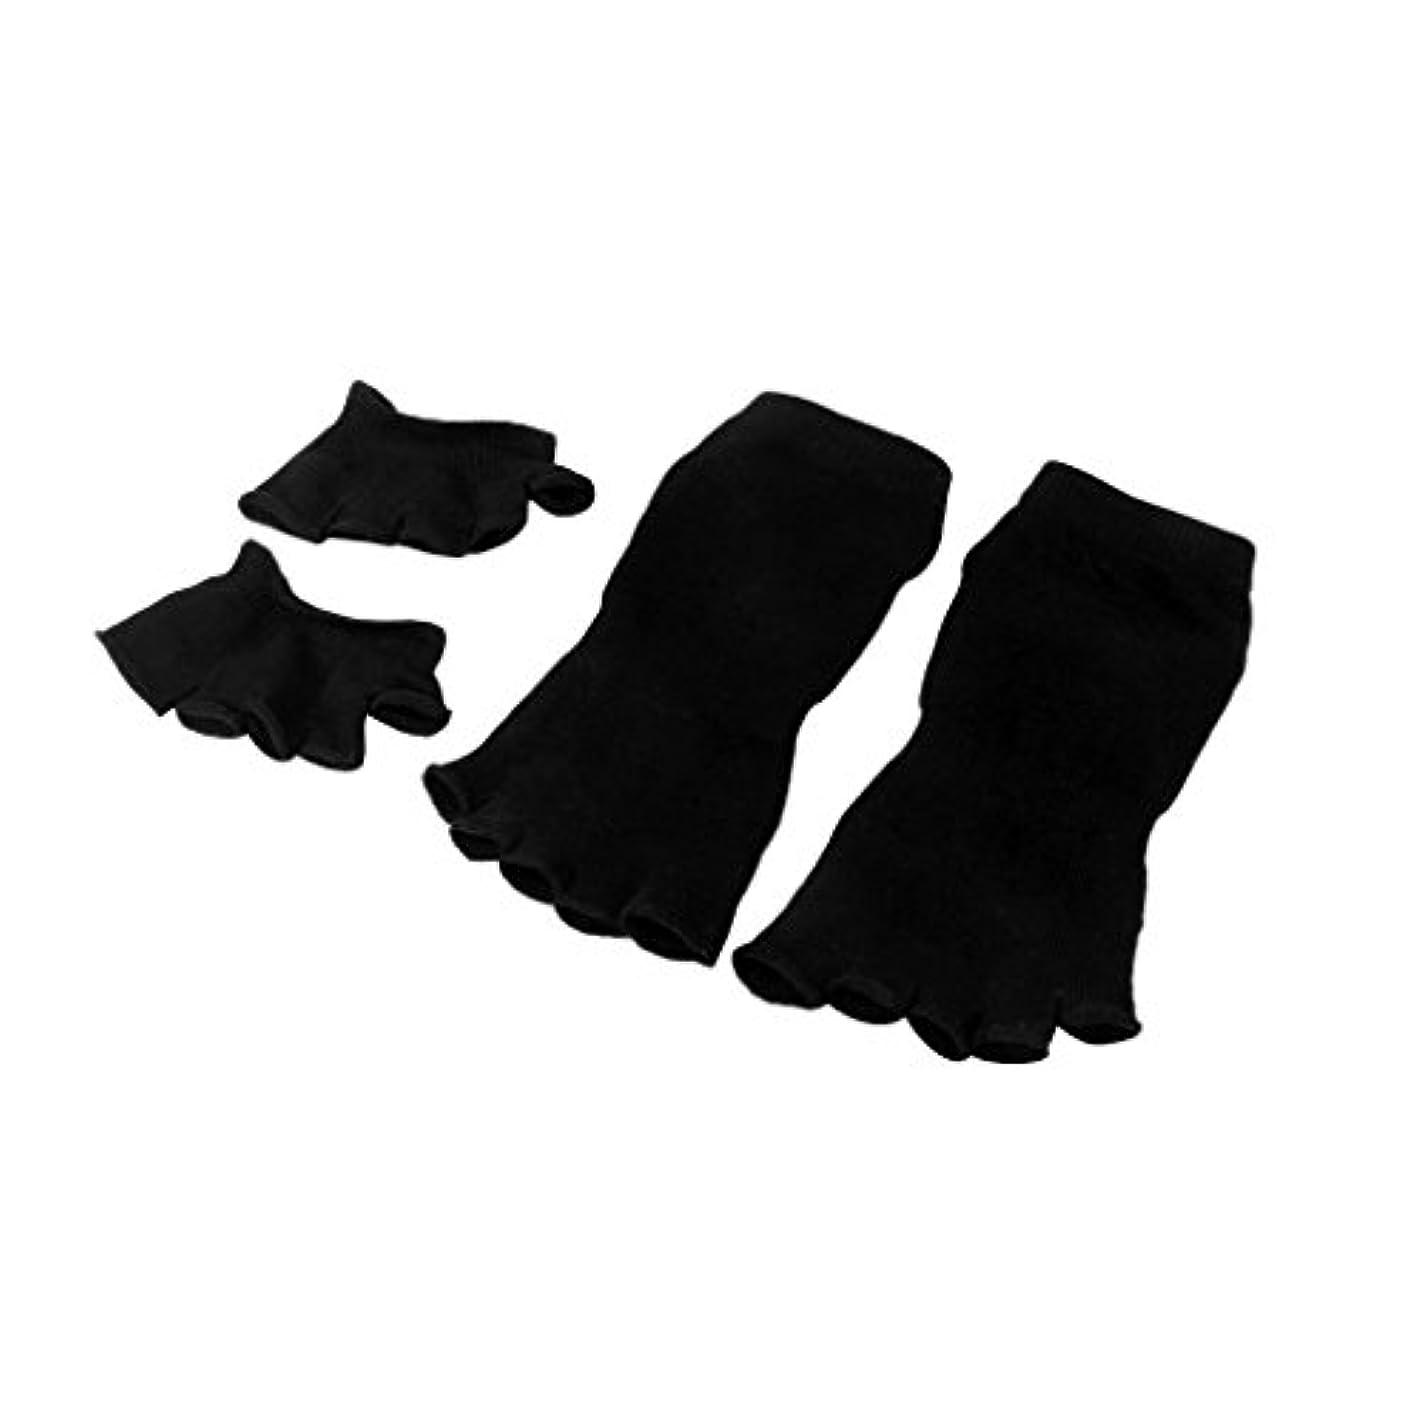 神のテーブルリングレット【Footful】ソックス 靴下 5本指つま先ソックス+爽快指の間カバー 4枚組 黒